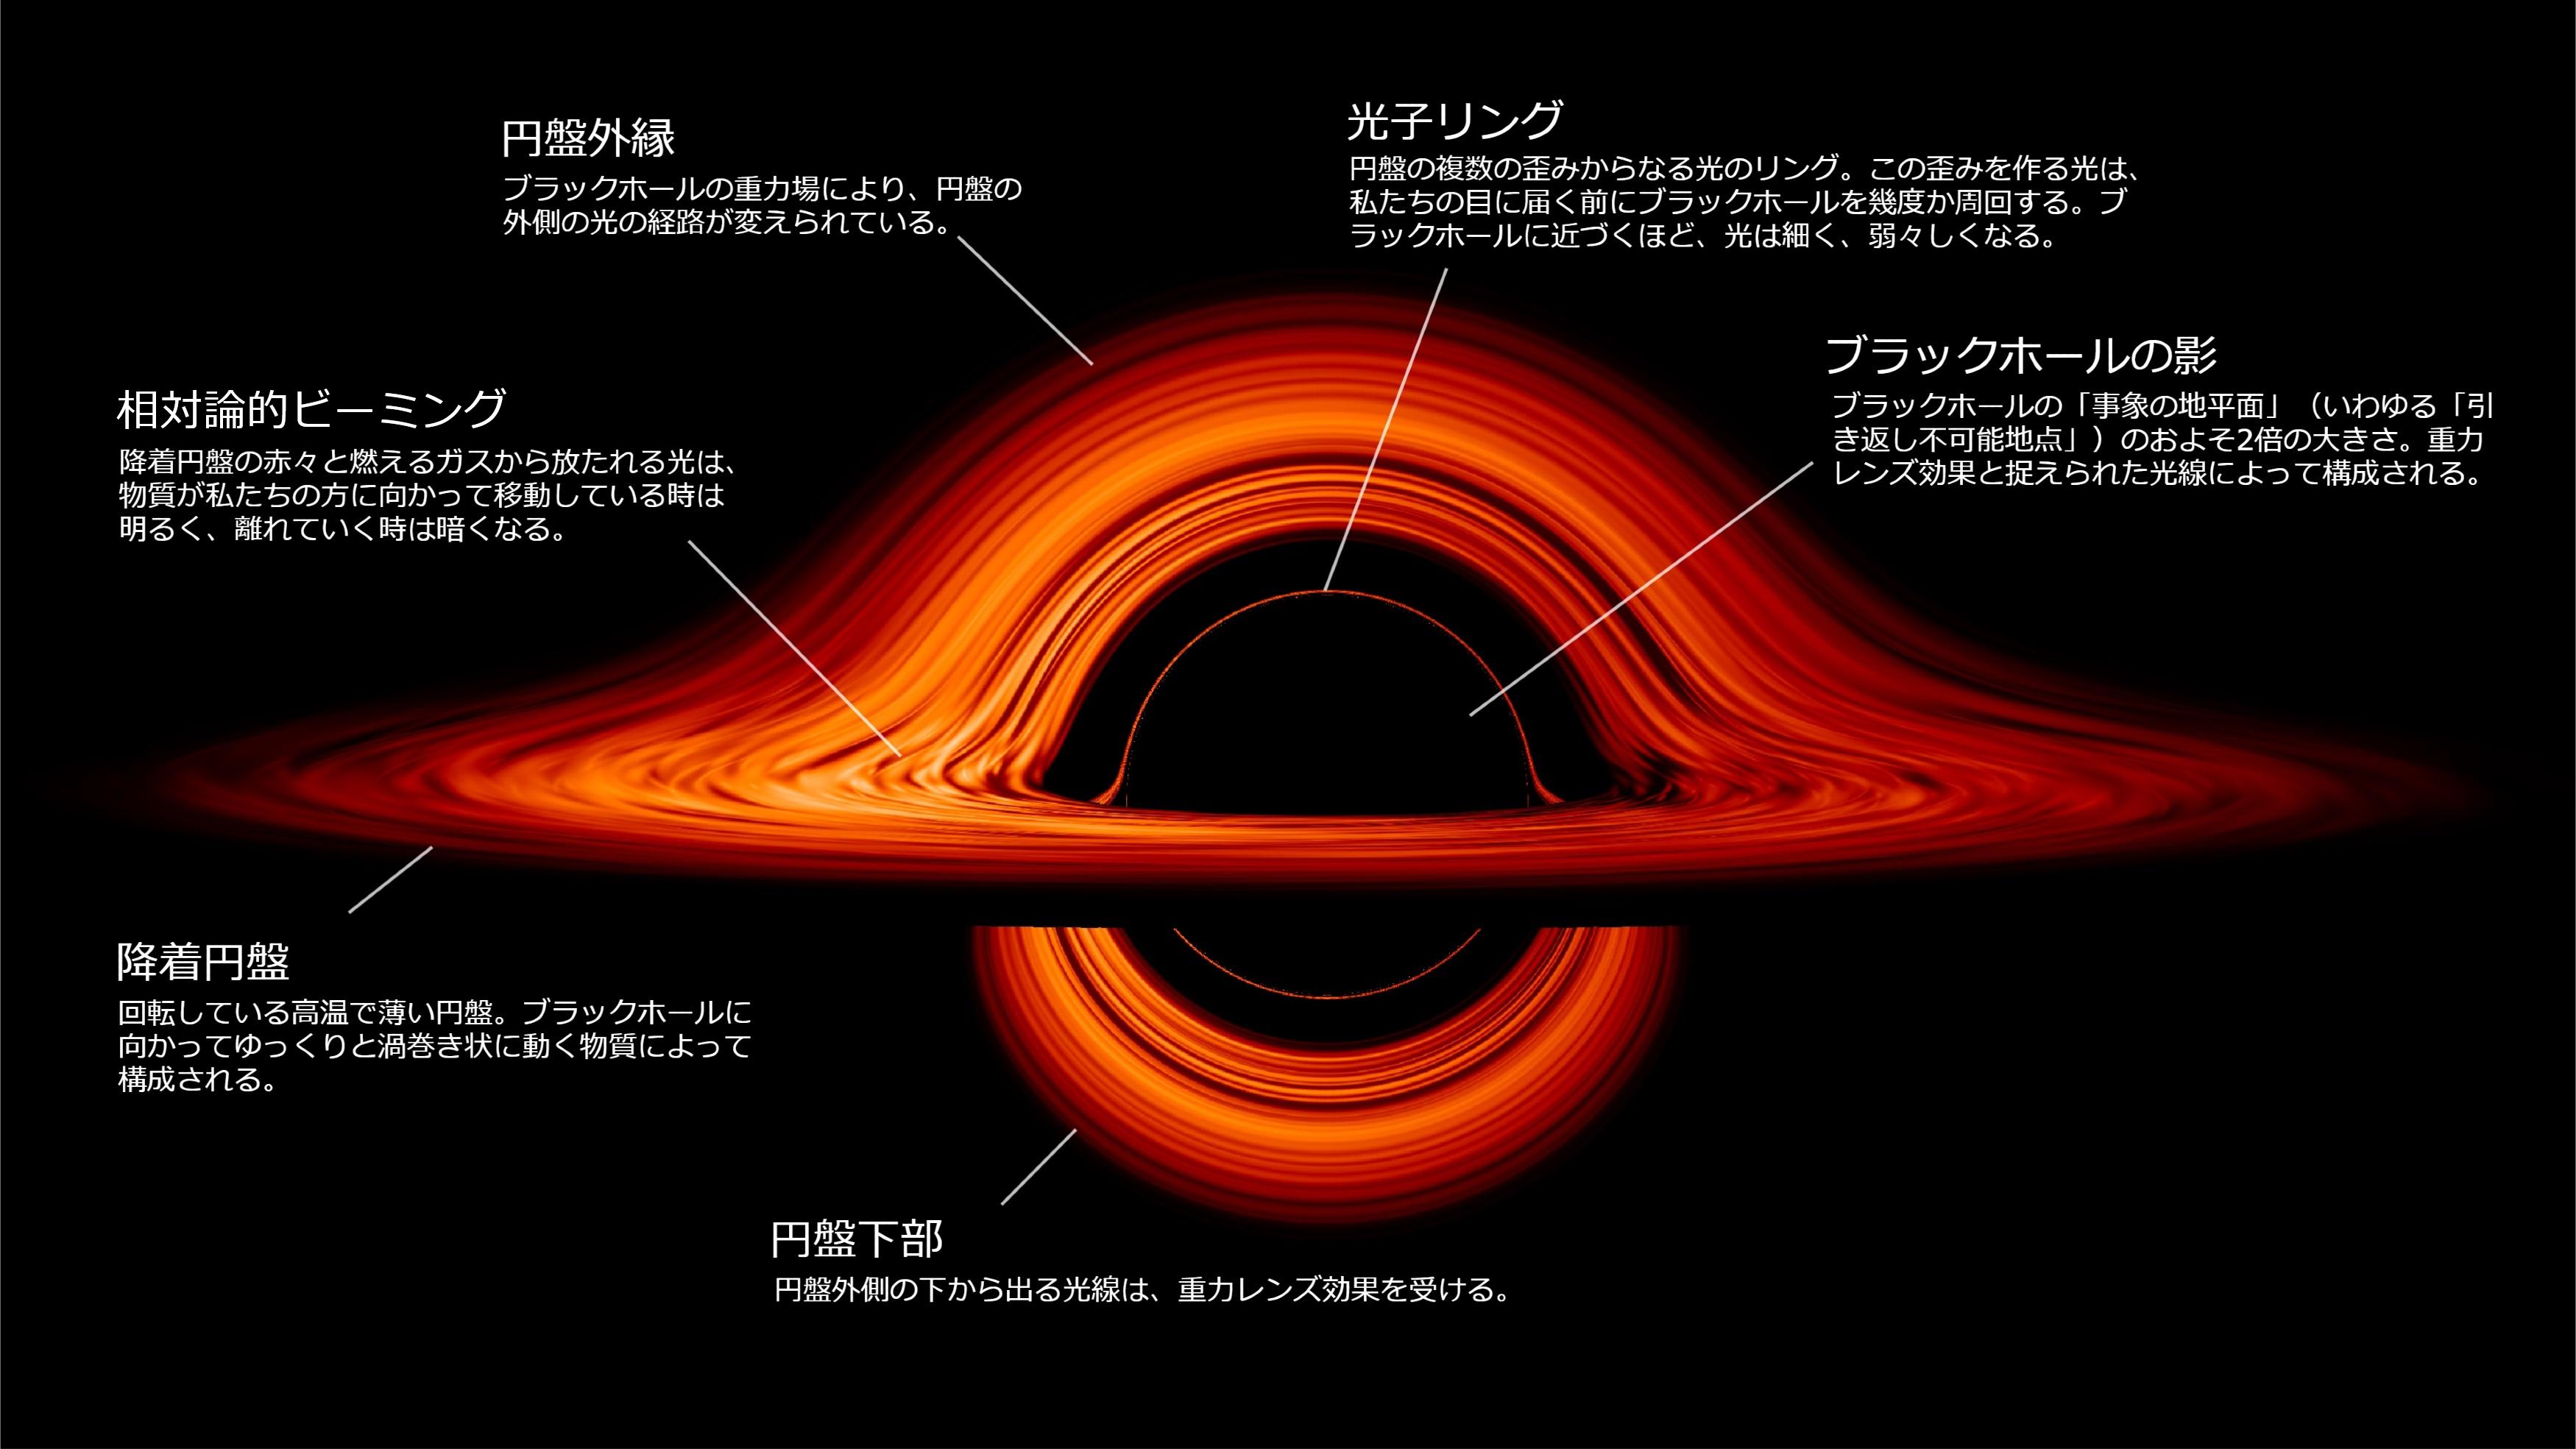 ブラックホールの構造。クリックで拡大(画像提供:NASAゴダード宇宙飛行センター/ジェレミー・シュニットマン)